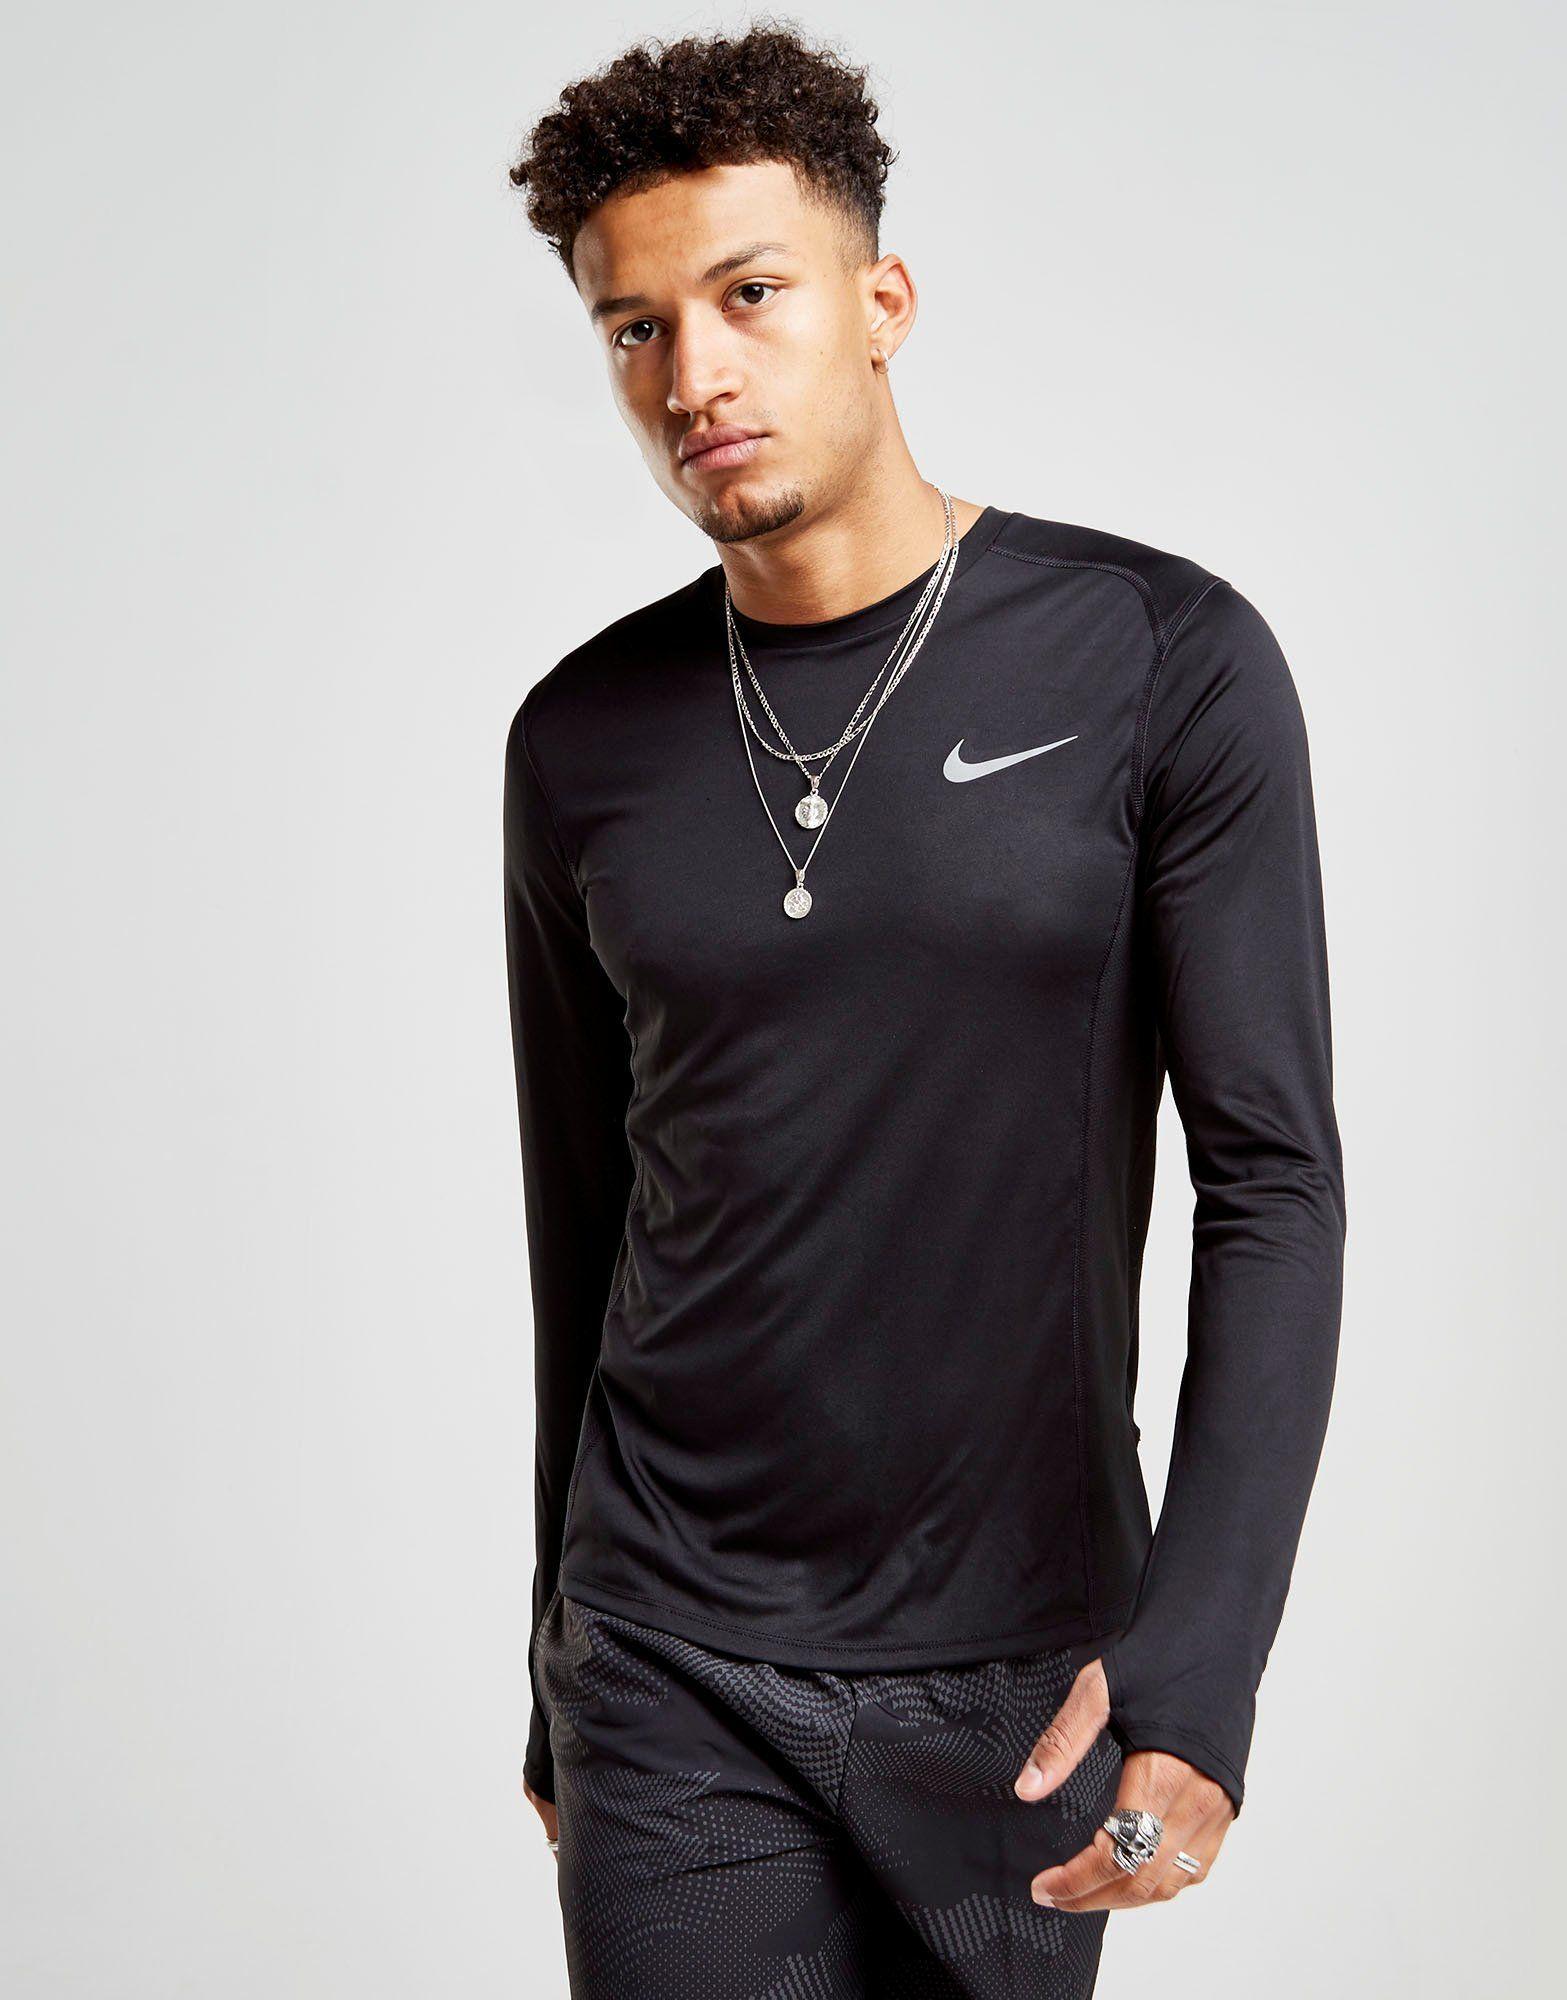 Mens Long Sleeve Shirt With Thumb Holes